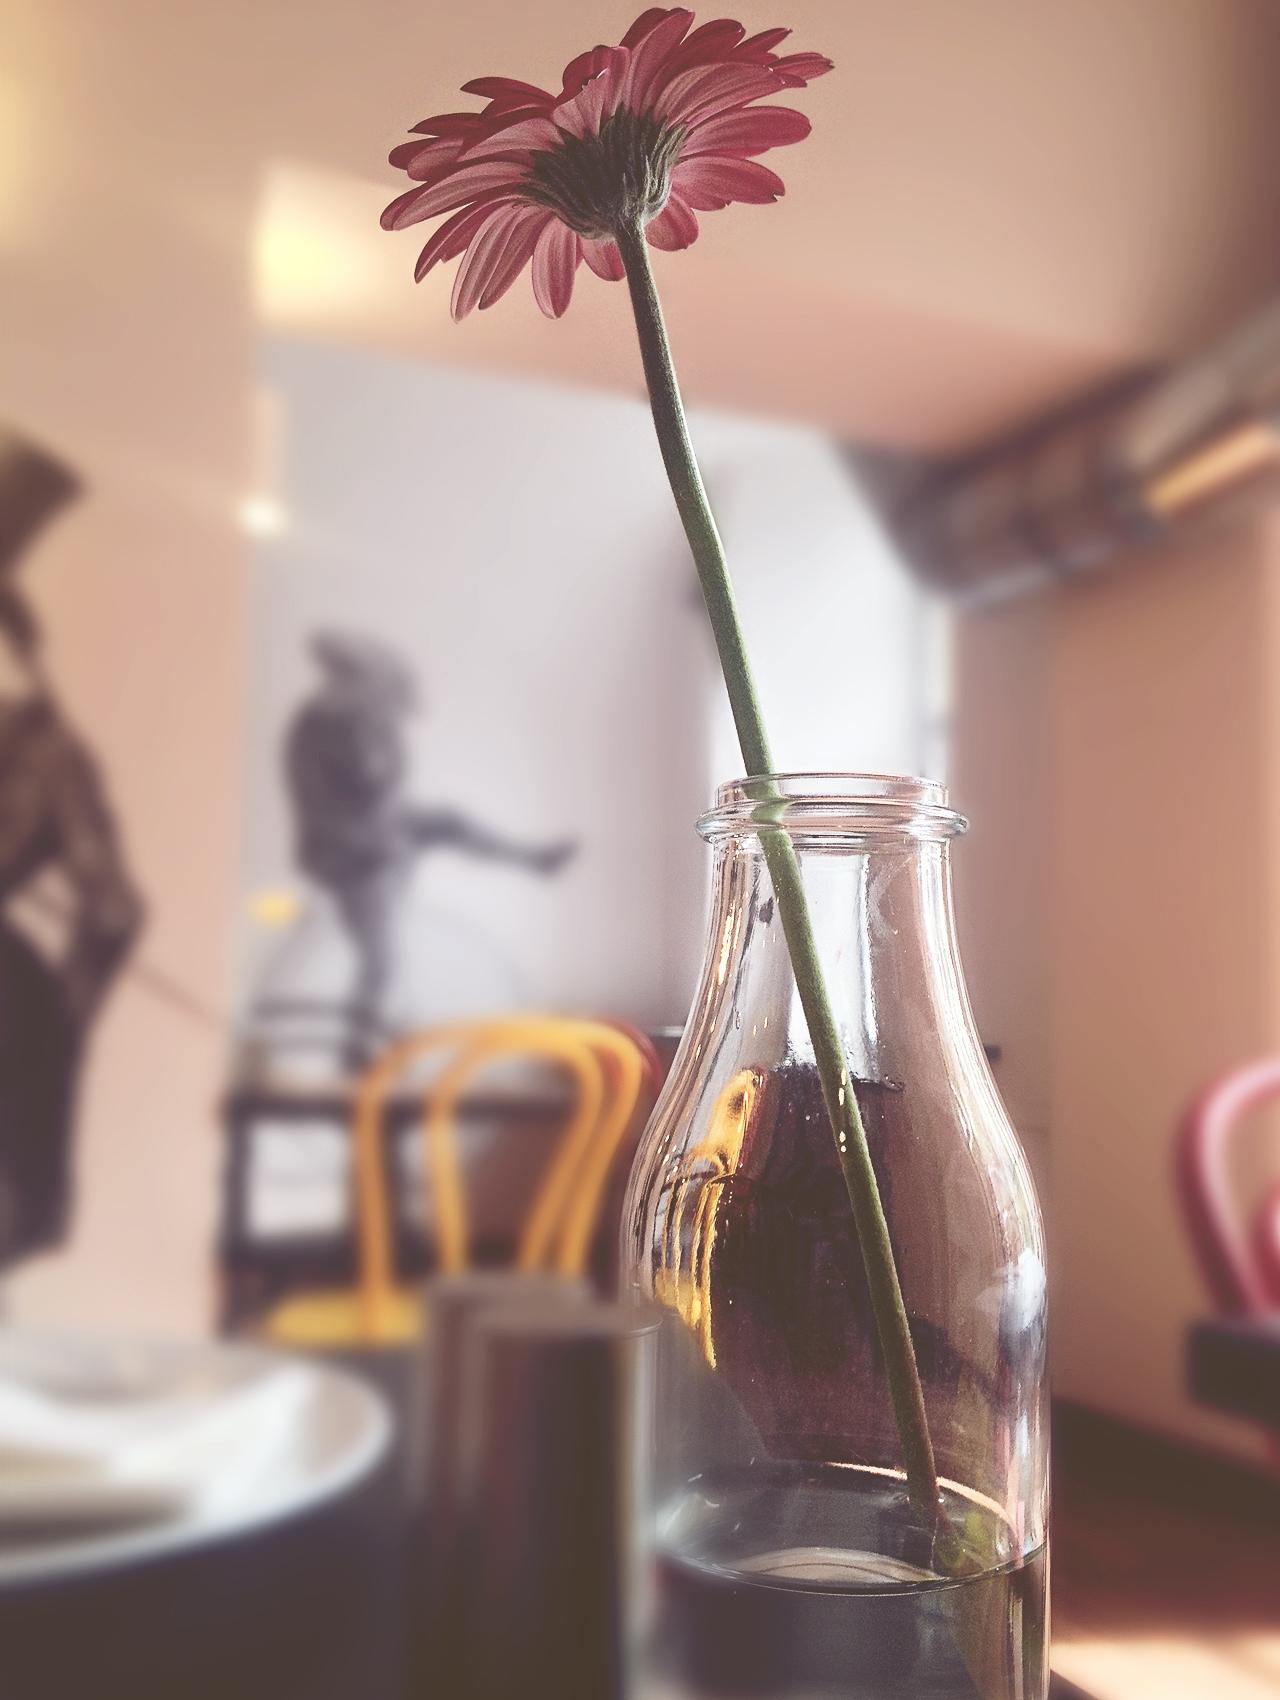 kffwiatekk